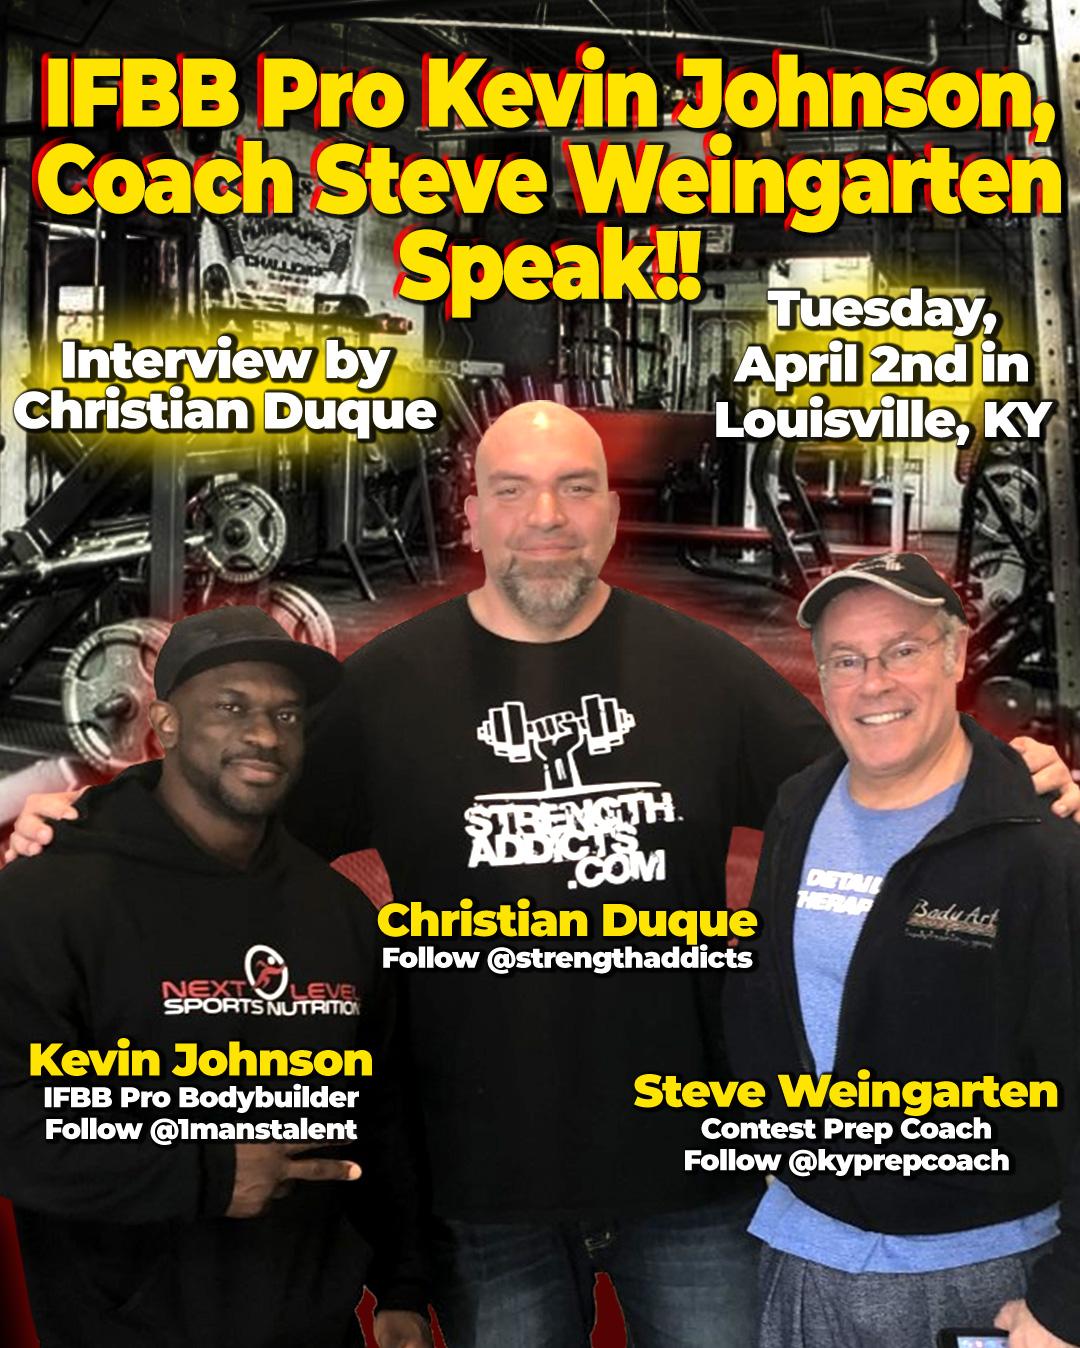 Kevin Johnson + Steve Weingarten